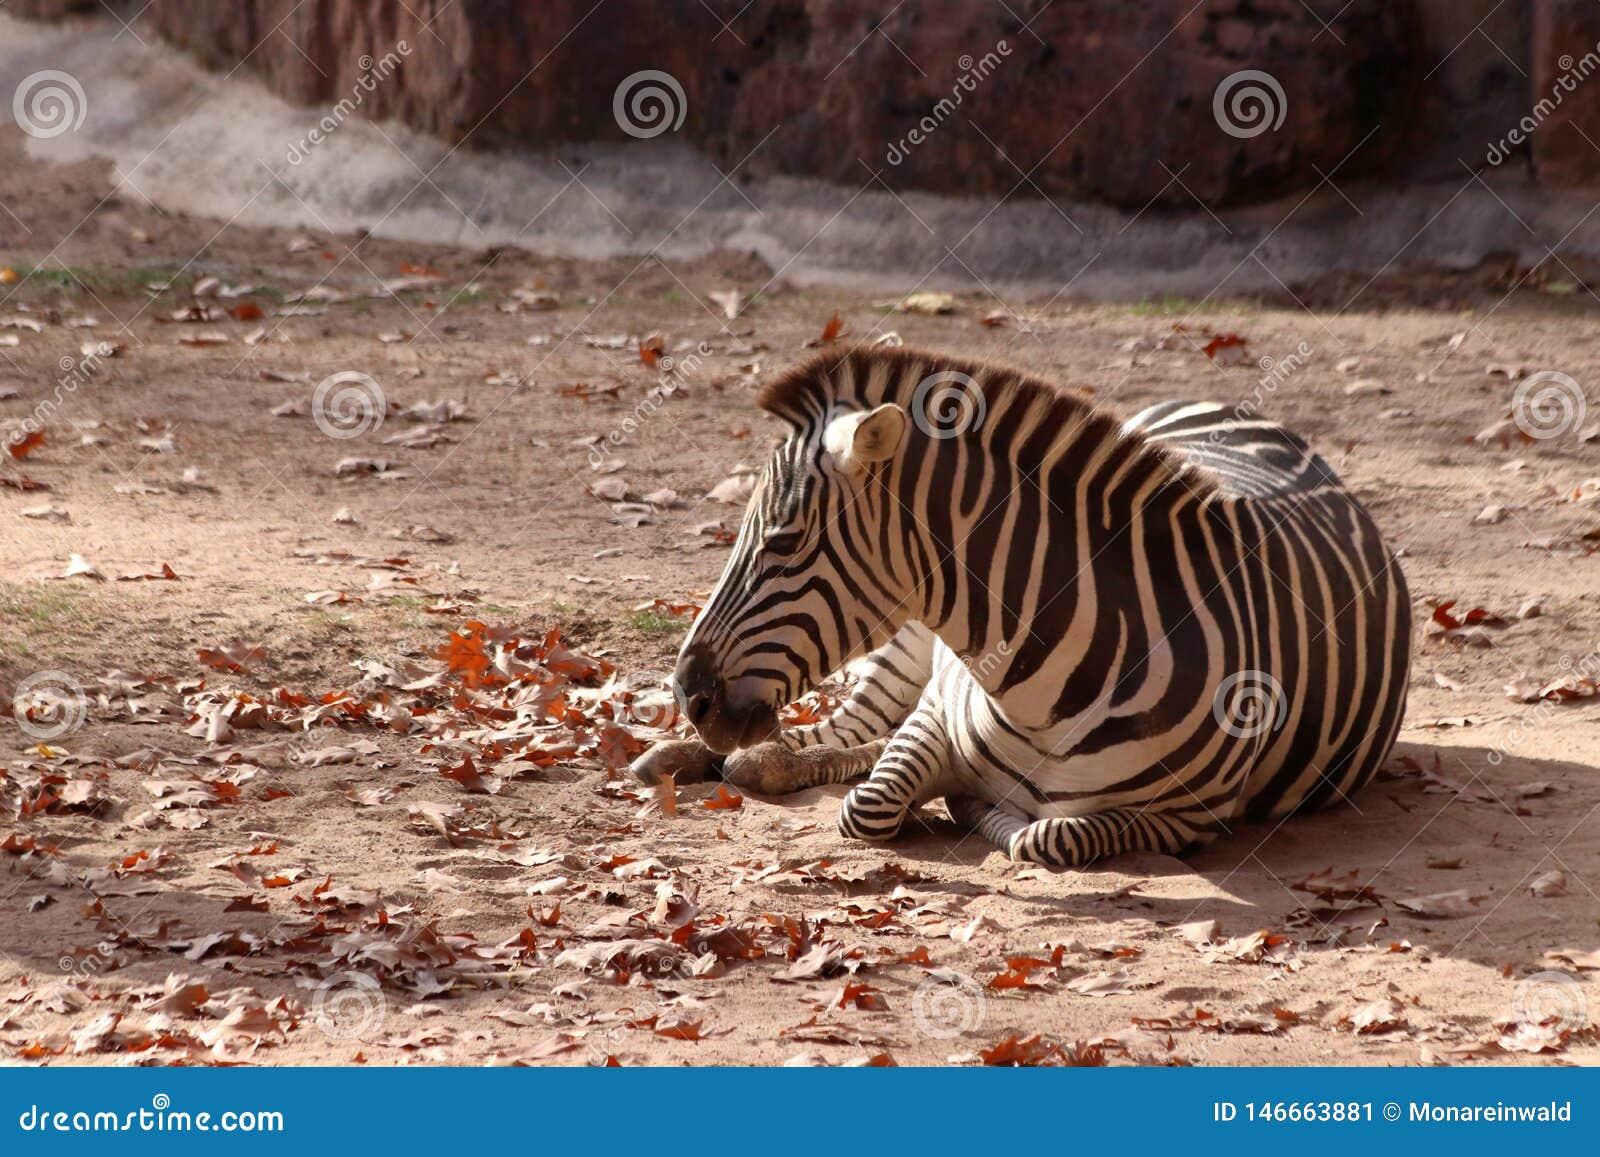 Zebra in zoo in nuremberg in germany